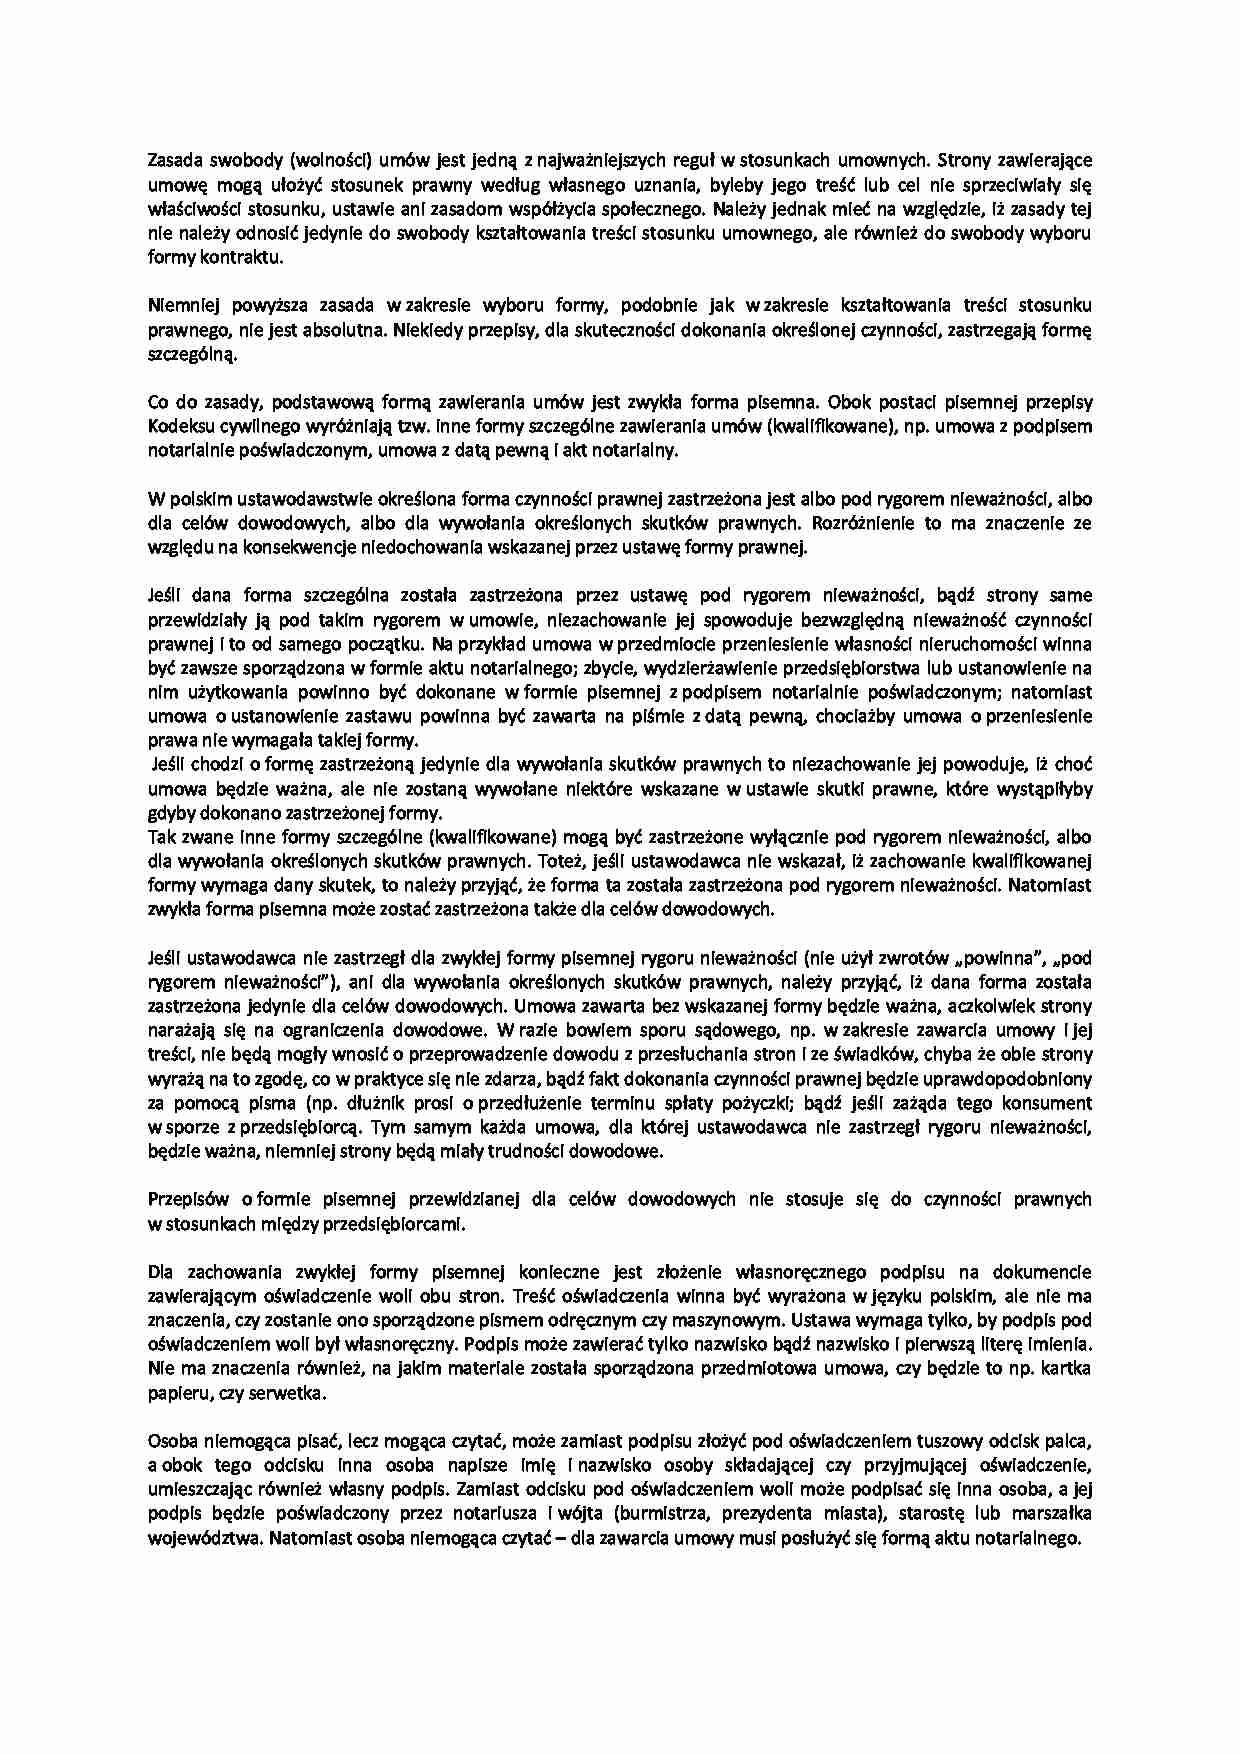 7a89efce71633b Podgląd dokumentu Ogólna problematyka umów - omówienie - strona 1 ...